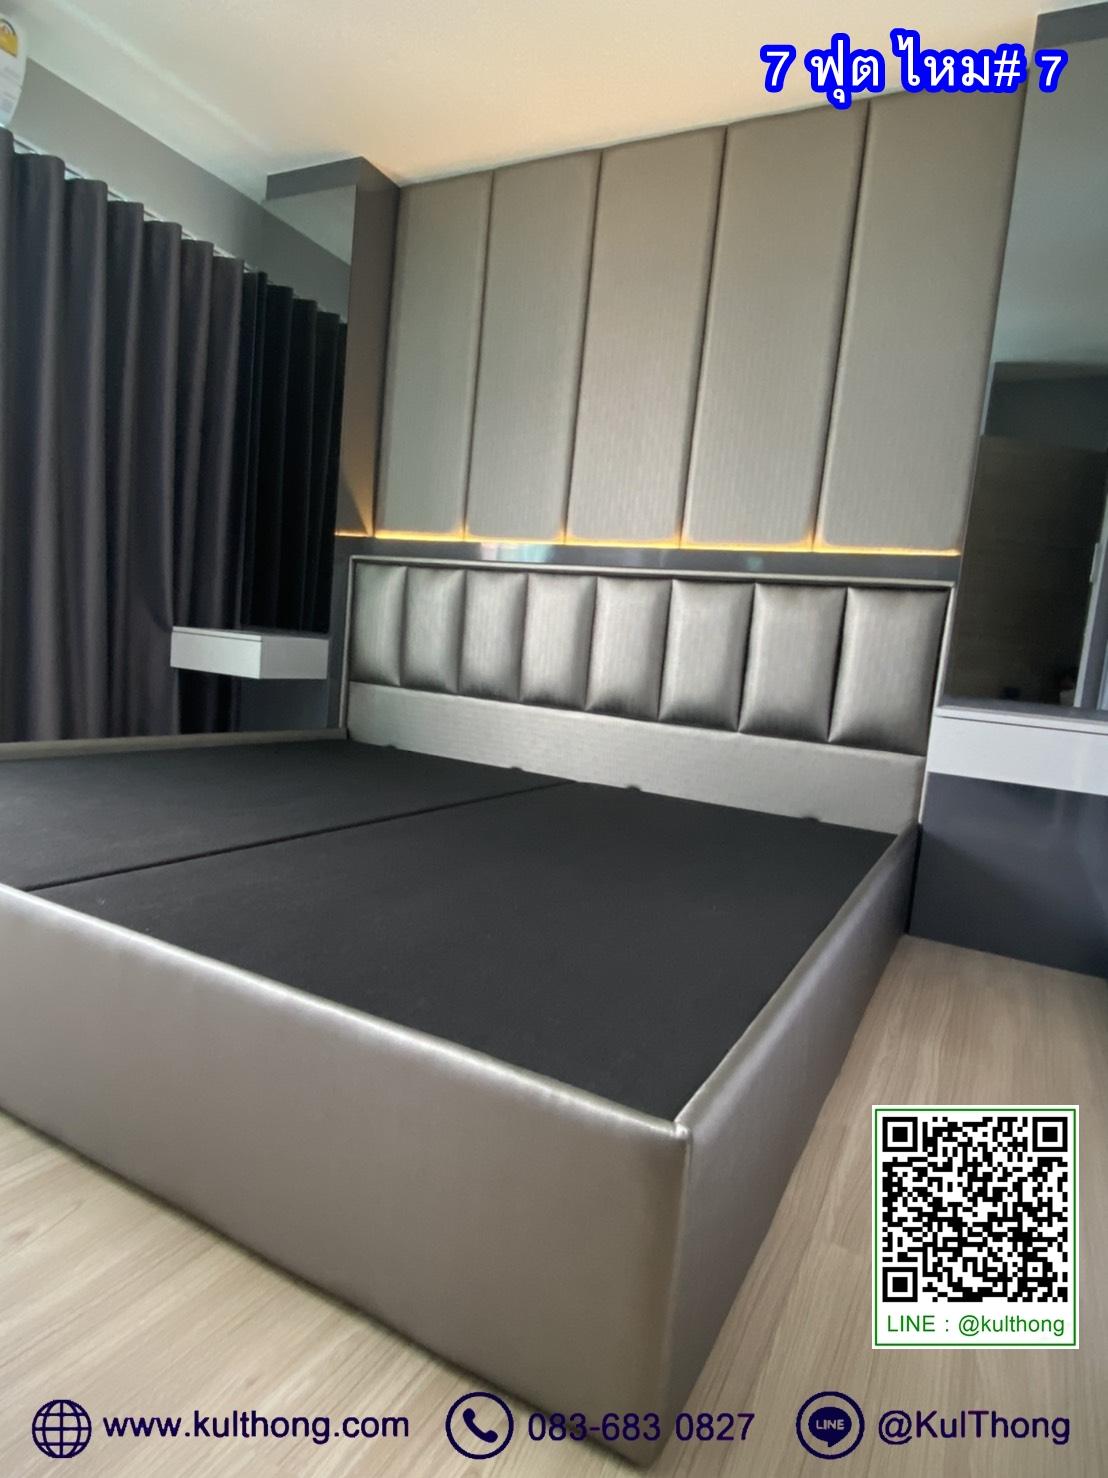 เตียงเก็บของ หัวเตียงทรงเรขาคณิต เตียงลิ้นชัก